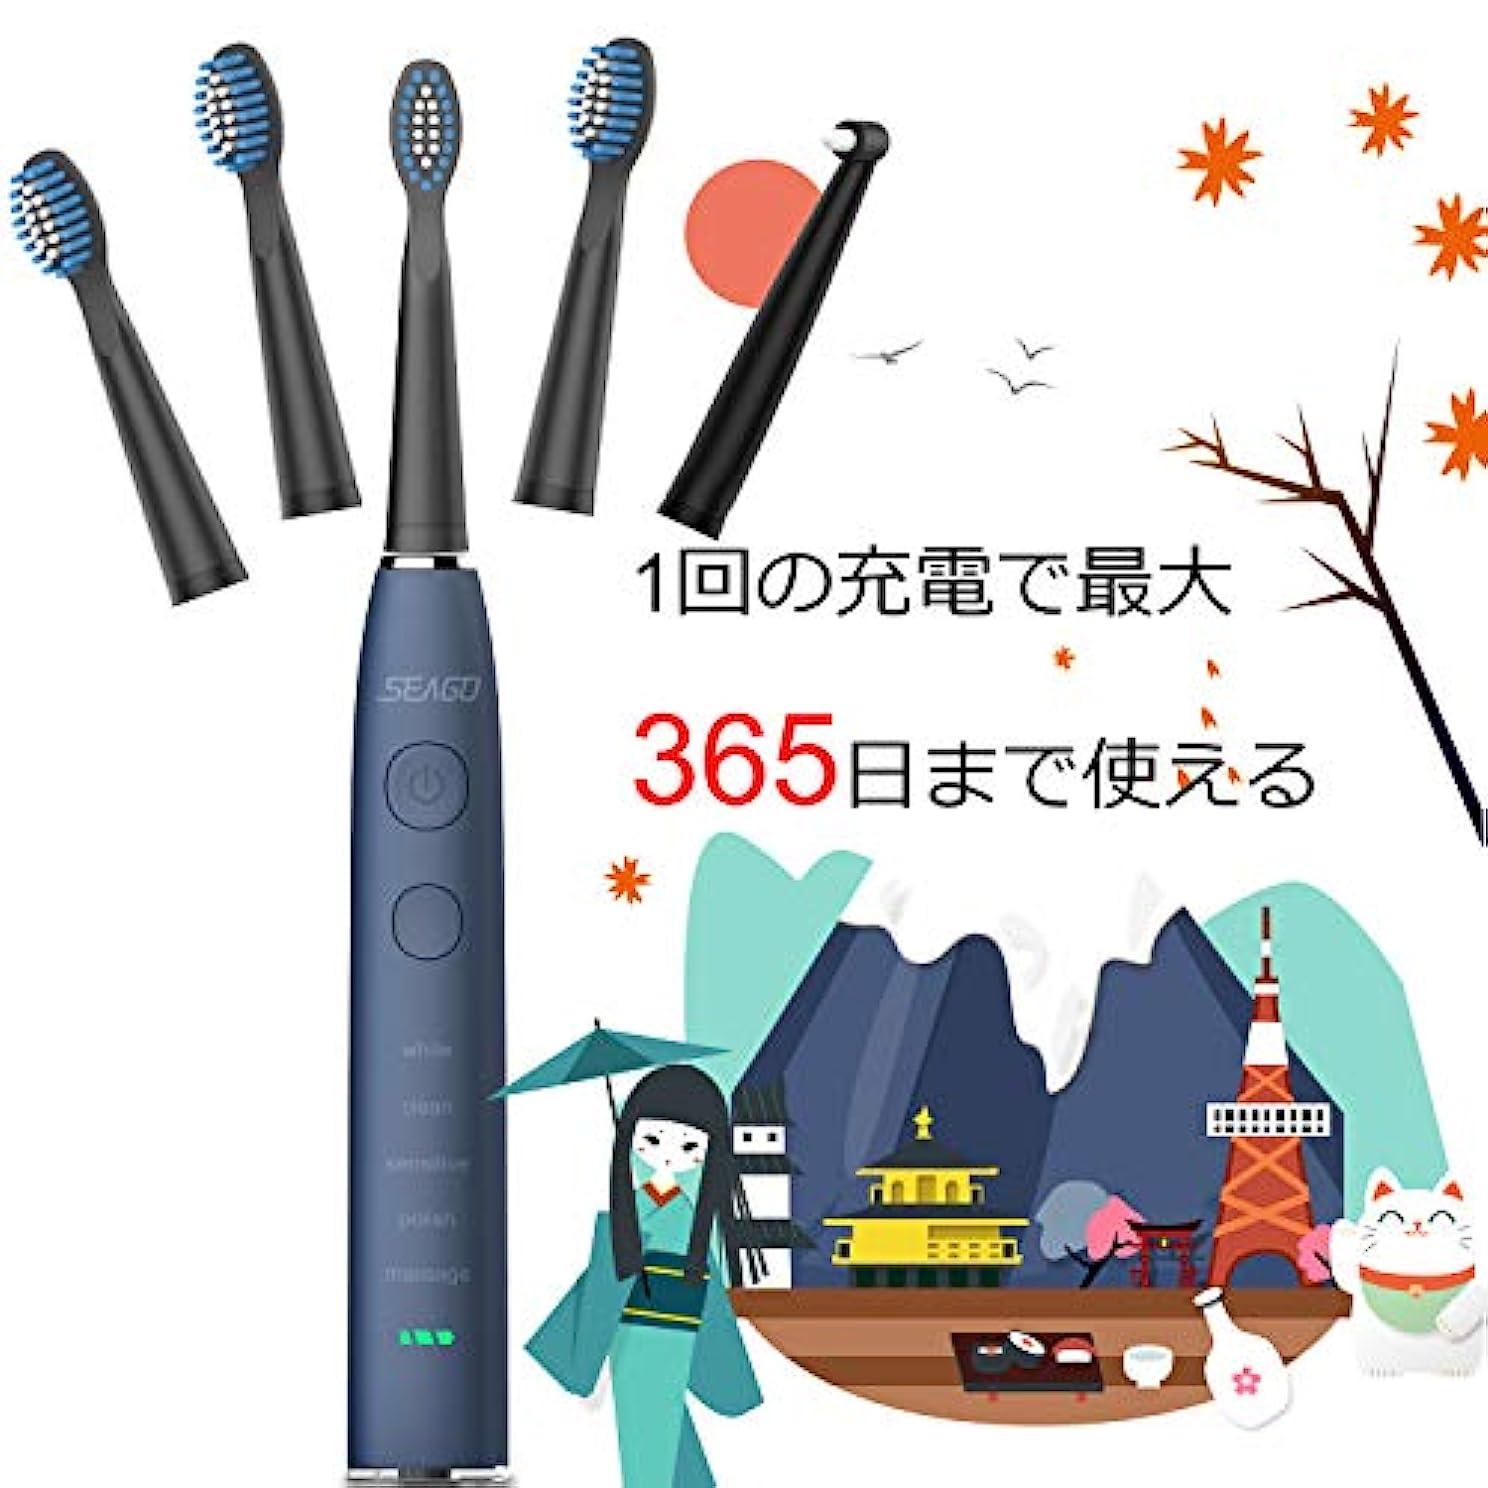 信じる会話絶対に電動歯ブラシ 歯ブラシ seago 音波歯ブラシ USB充電式8時間 365日に使用 IPX7防水 五つモードと2分オートタイマー機能搭載 替えブラシ5本 12ヶ月メーカー保証 SG-575(ブルー)